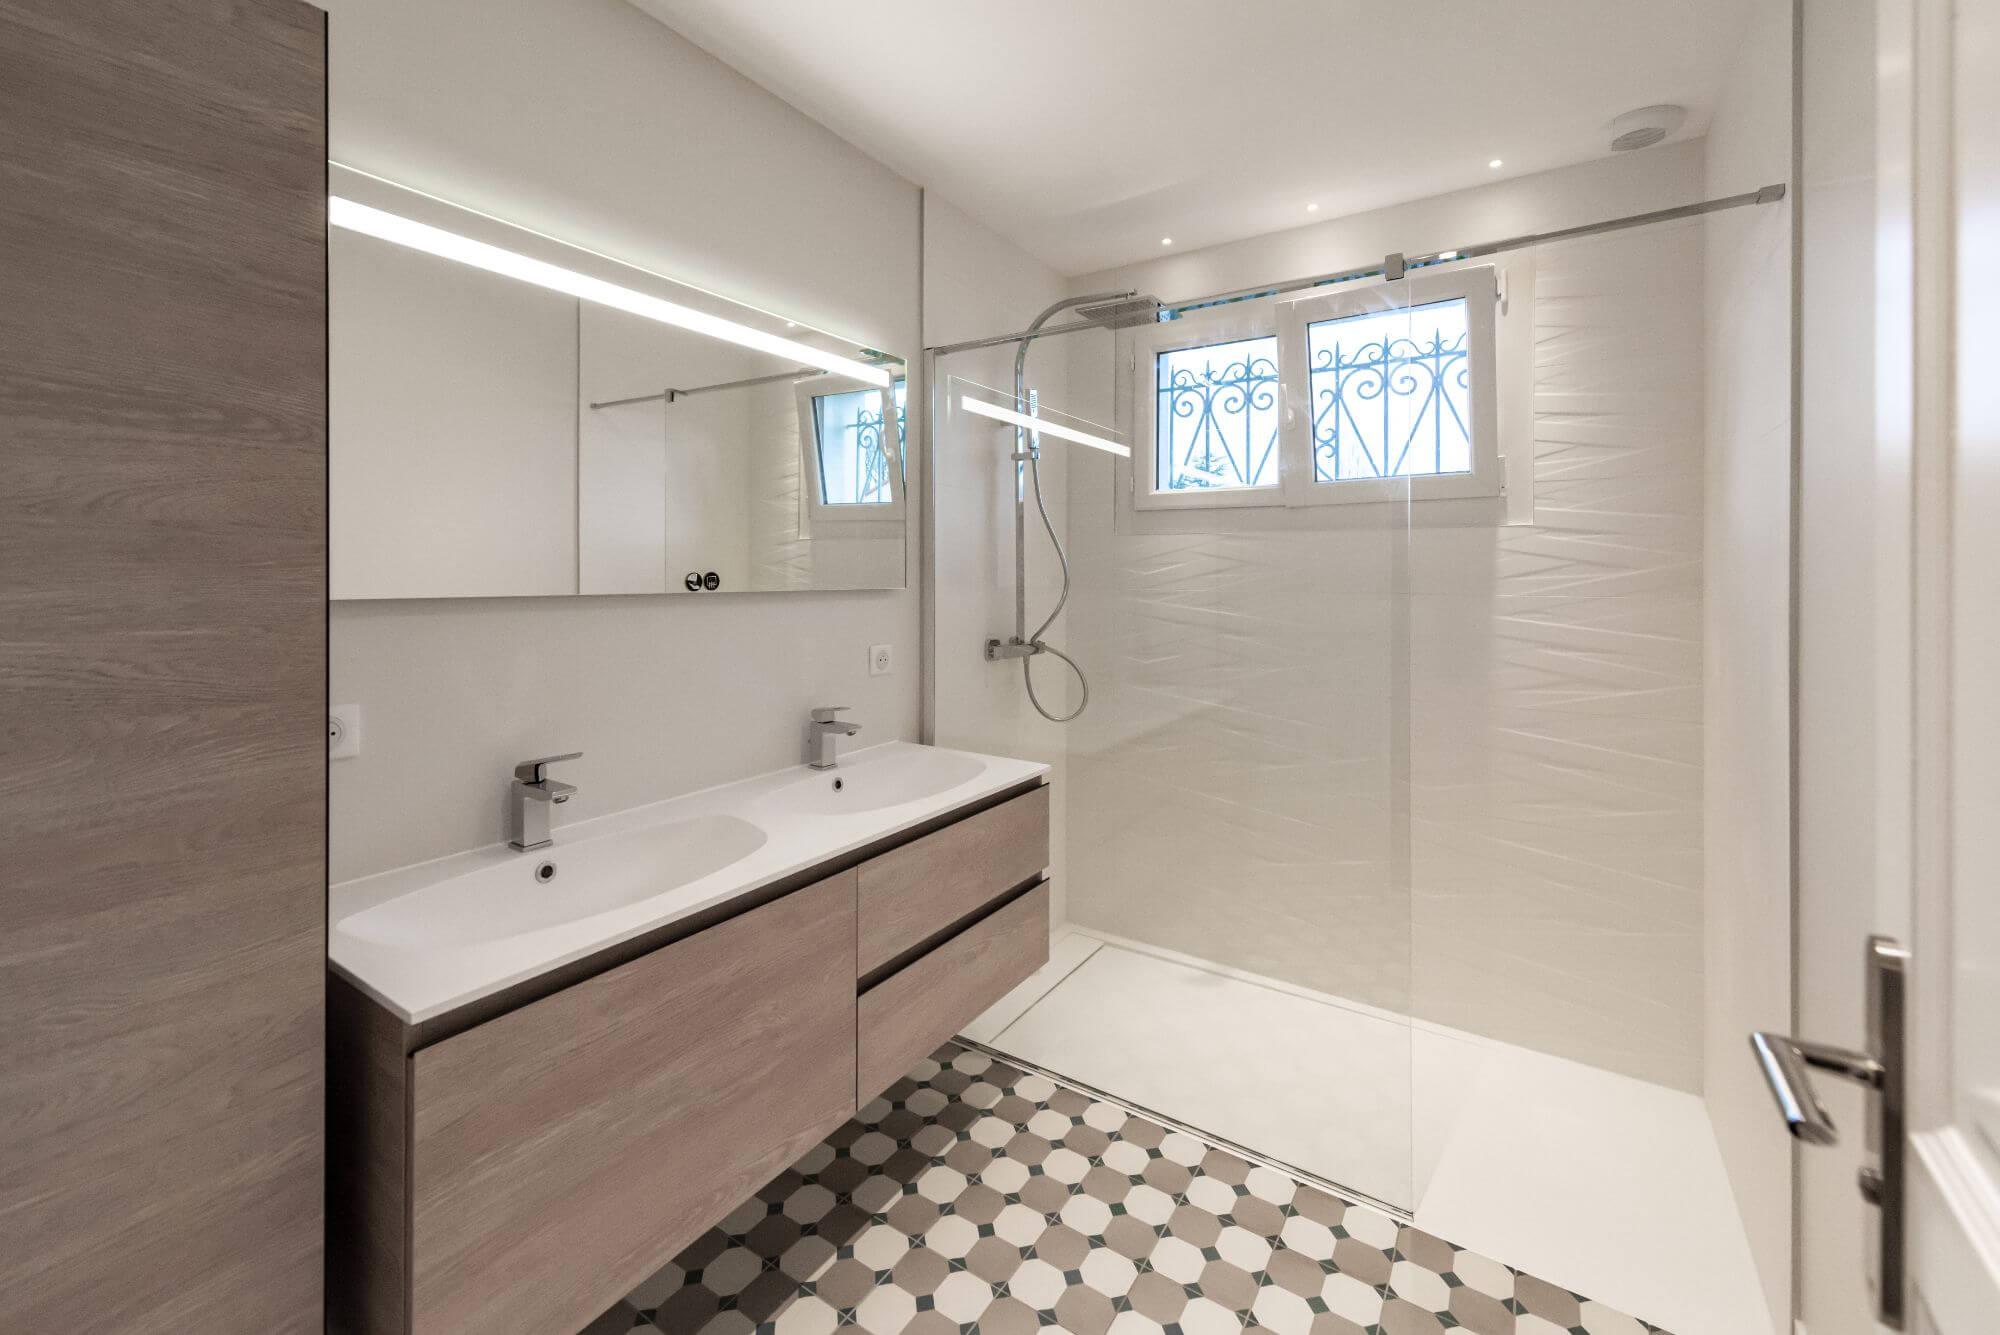 Plombier à toulouse, plomberie de salle de bain